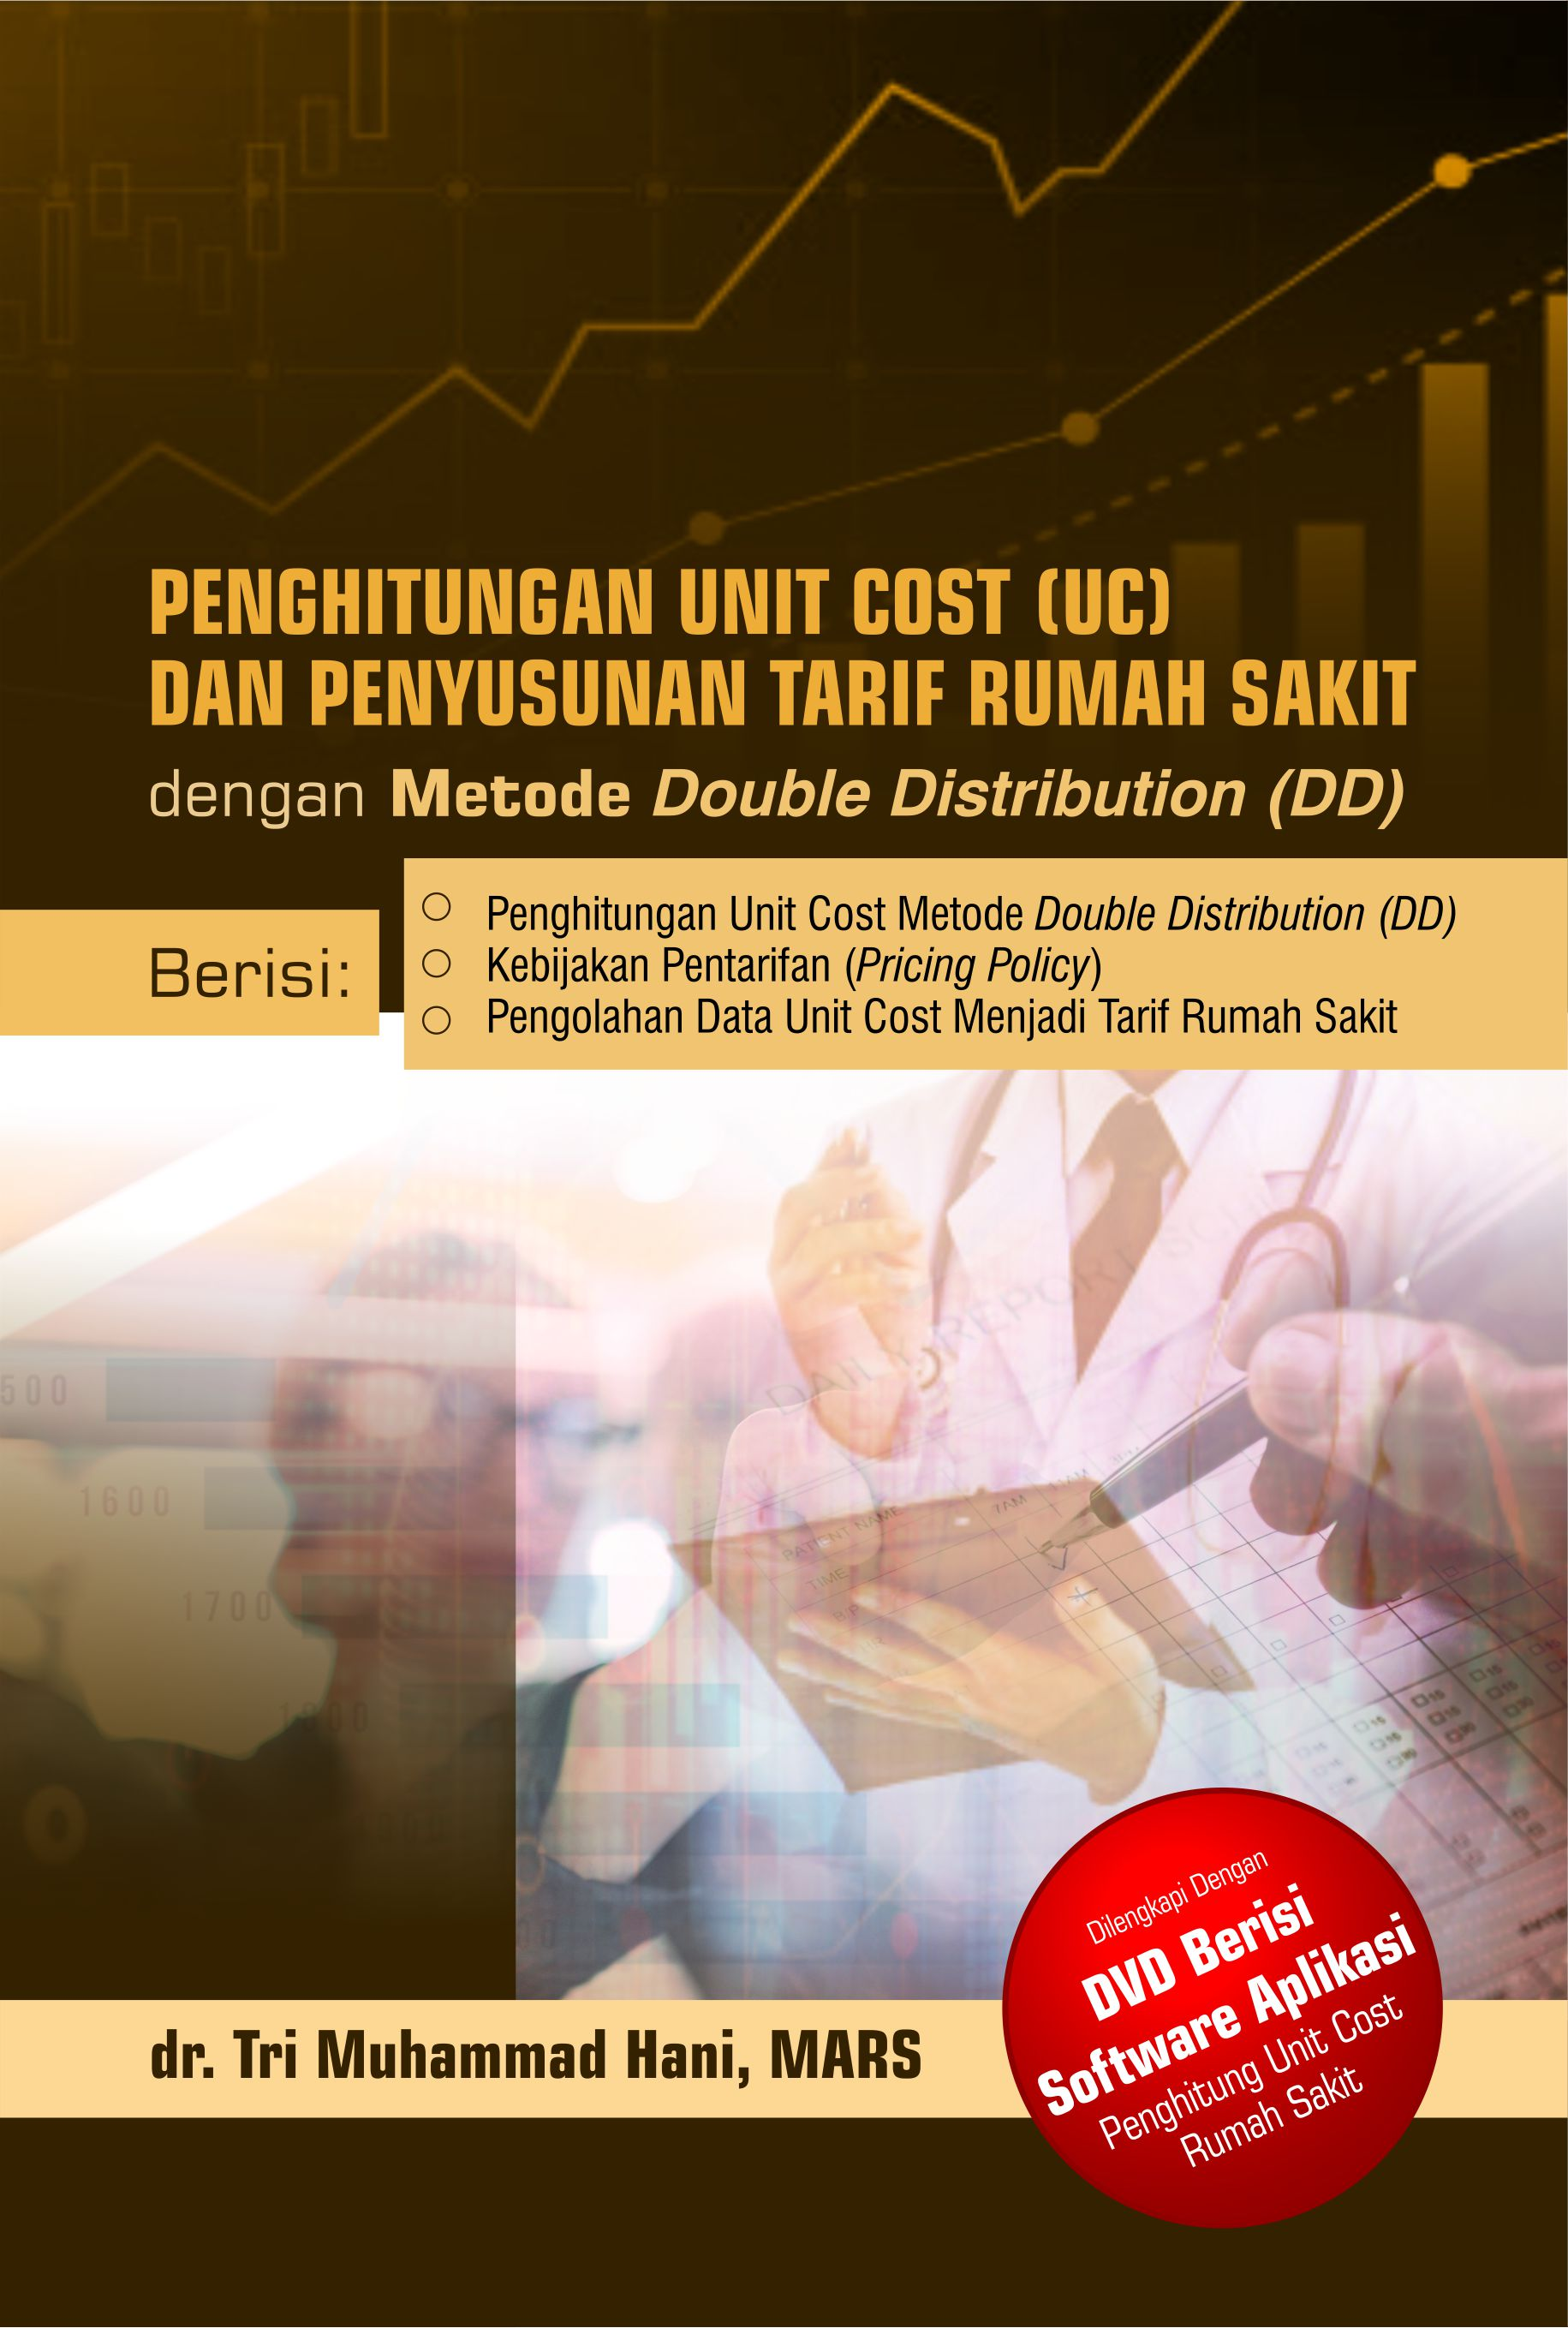 Penghitungan unit cost (UC) dan penyusunan tarif rumah sakit dengan metode double distribution (DD) [sumber elektronis]